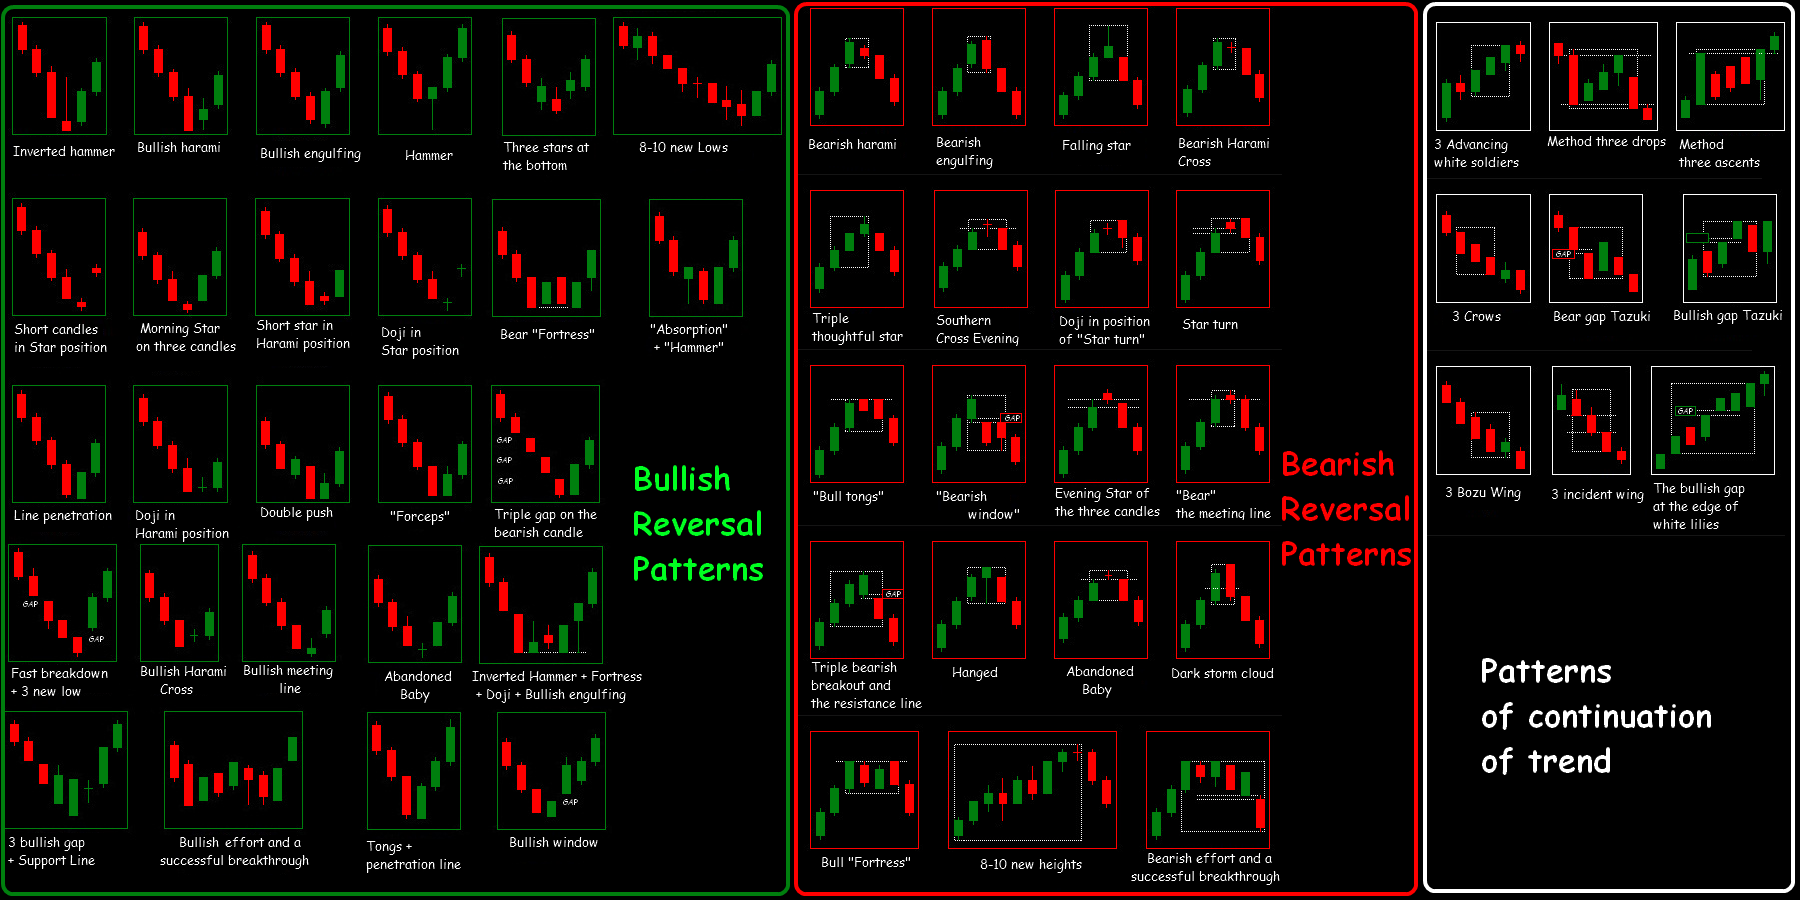 a bináris részvények megélhetése a bináris opciós kereskedés legjobb kereskedési platformja